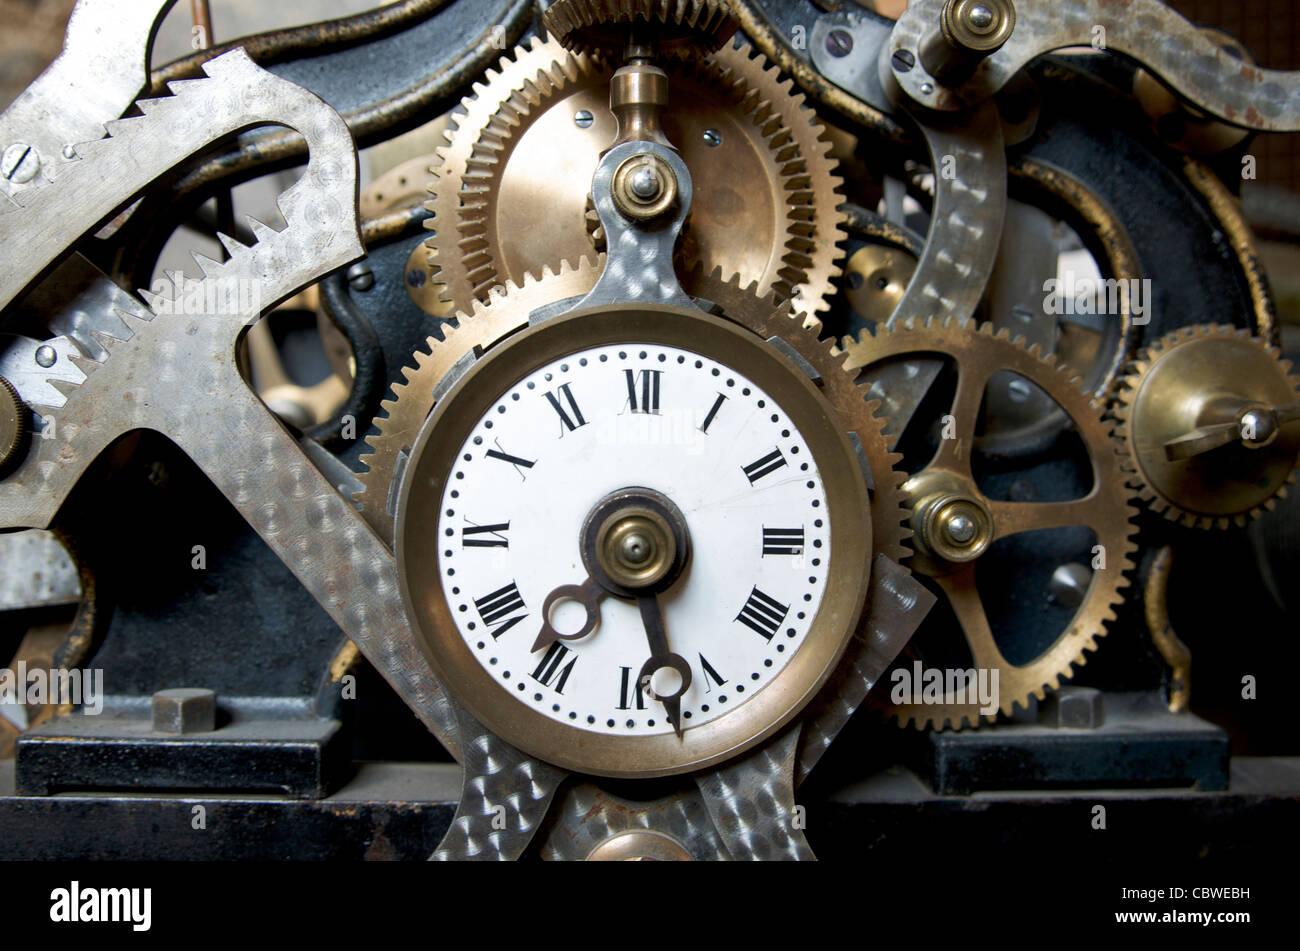 Antique clock. - Stock Image